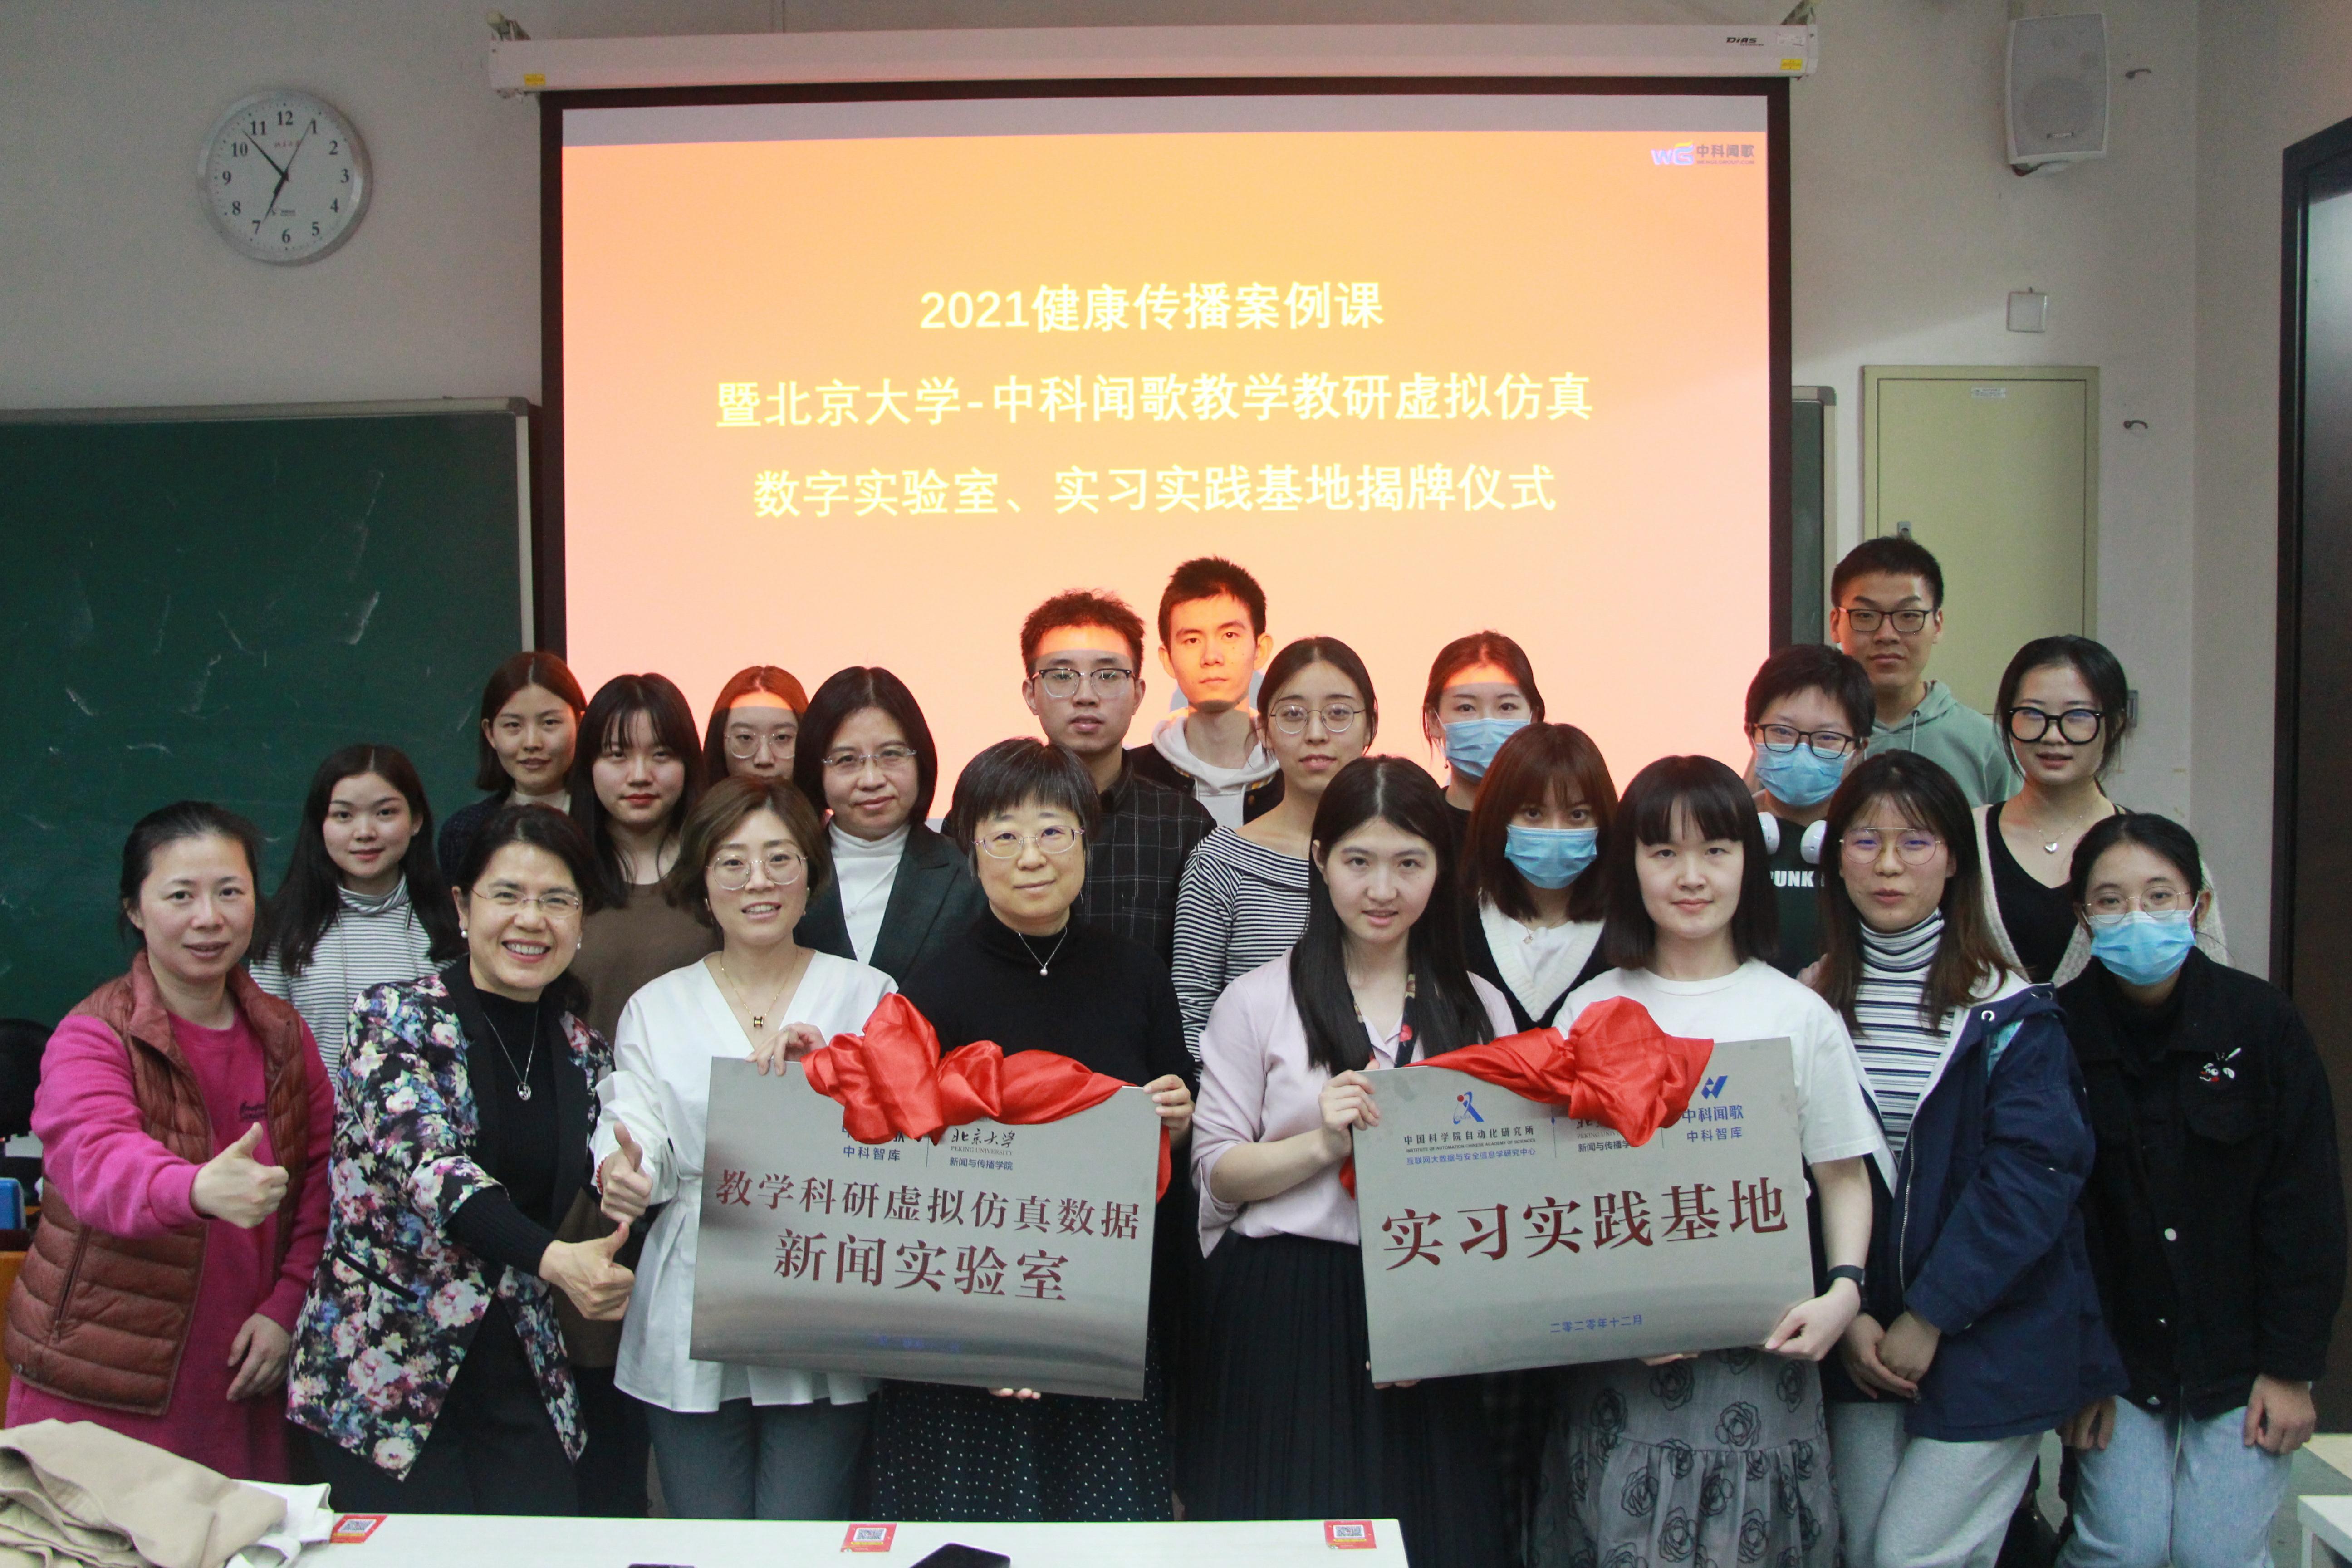 北京大学新闻与传播学院与中科闻歌共建实习基地